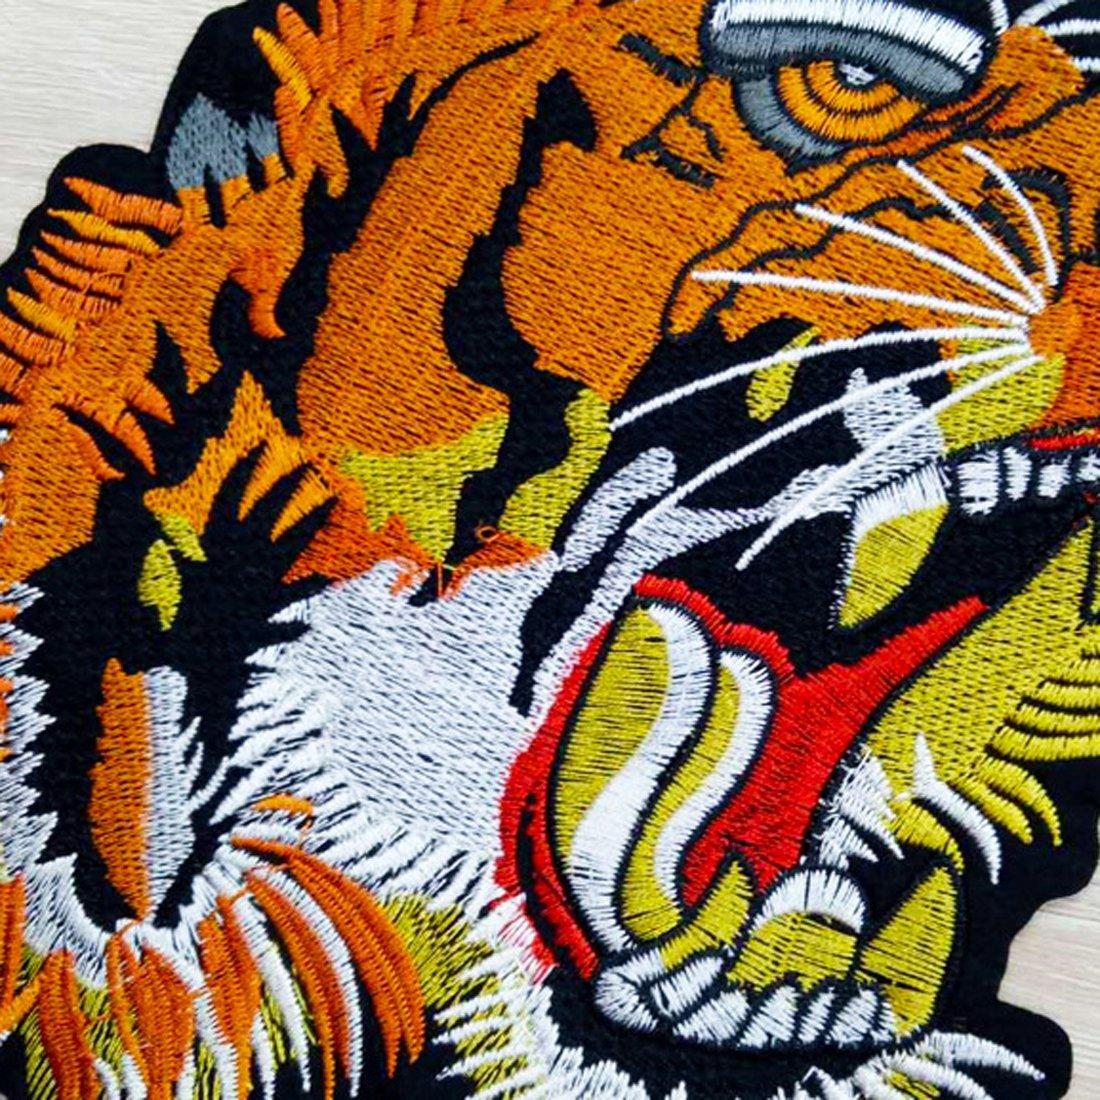 Parche bordado con cabeza de tigre para coser en la ropa, bolsa para camisa, pantalones vaqueros y motero: Amazon.es: Hogar